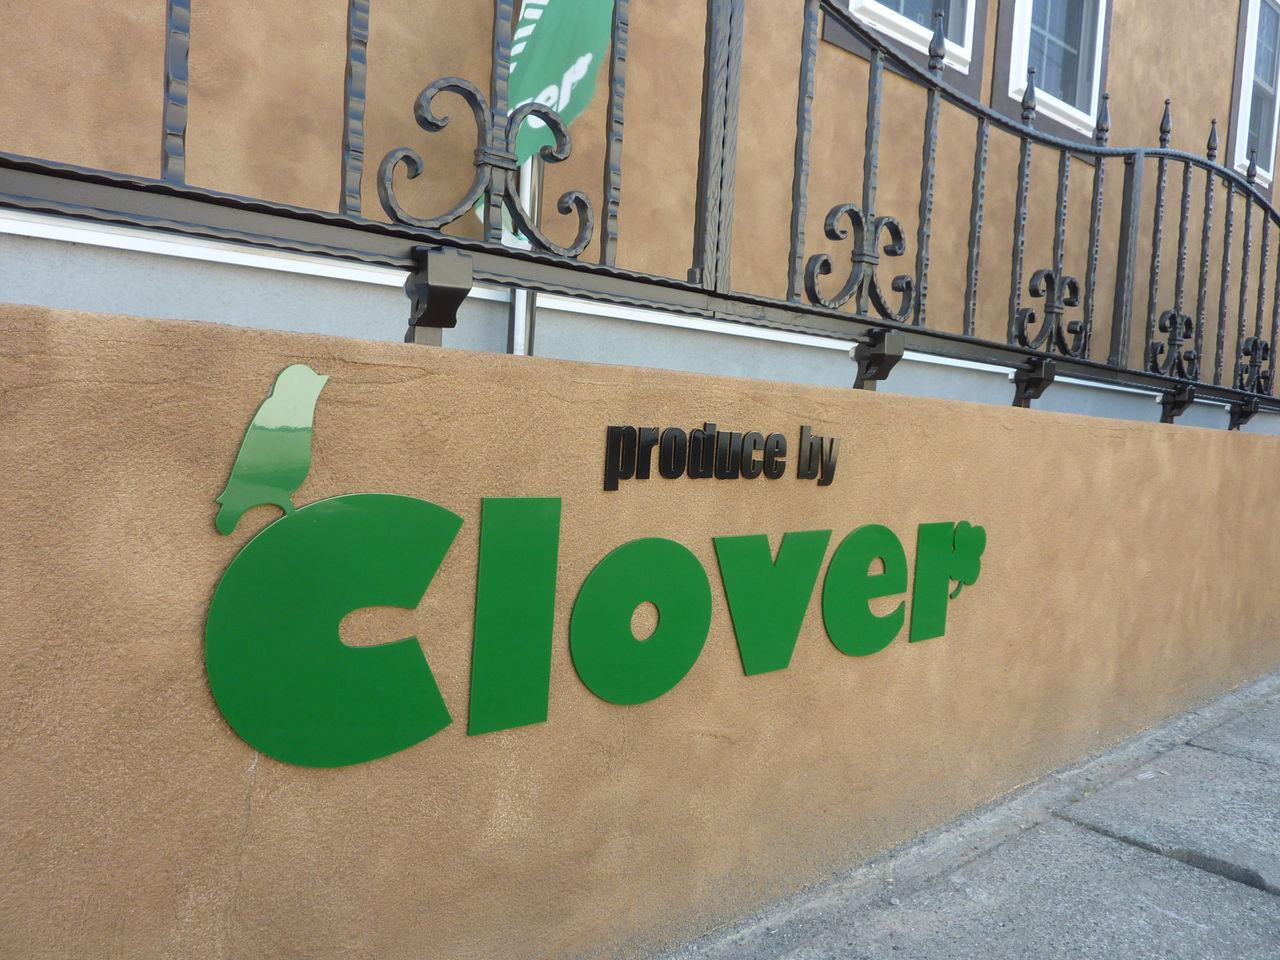 Clover_20130509170028.jpg